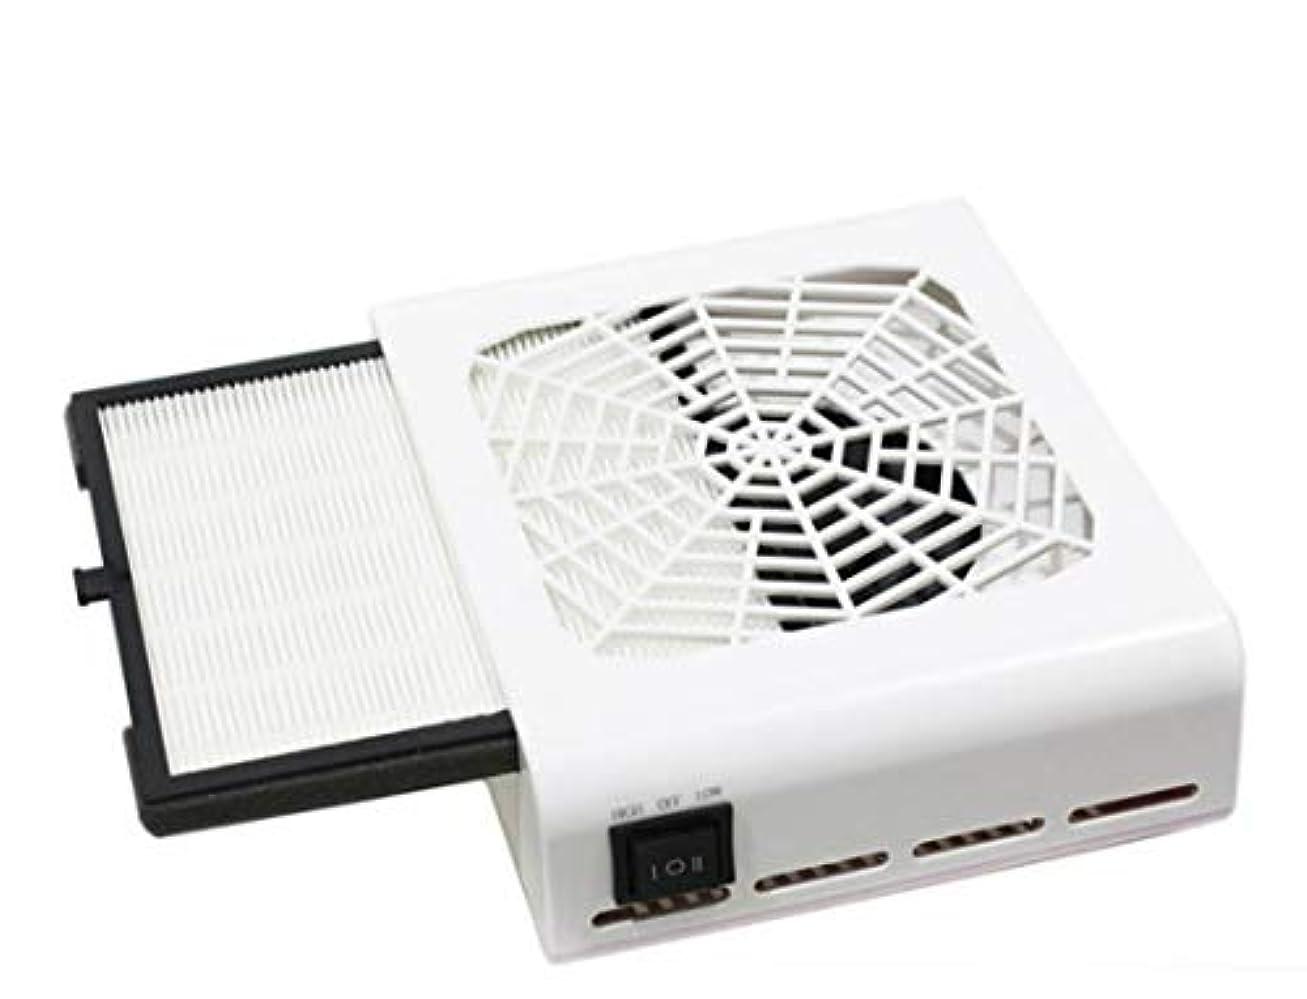 静けさ病気雑品ネイルダスト 集塵機 ダストクリーナー ネイルアート ジェルオフ ネイルオフ ダスト吸引機 強力集塵